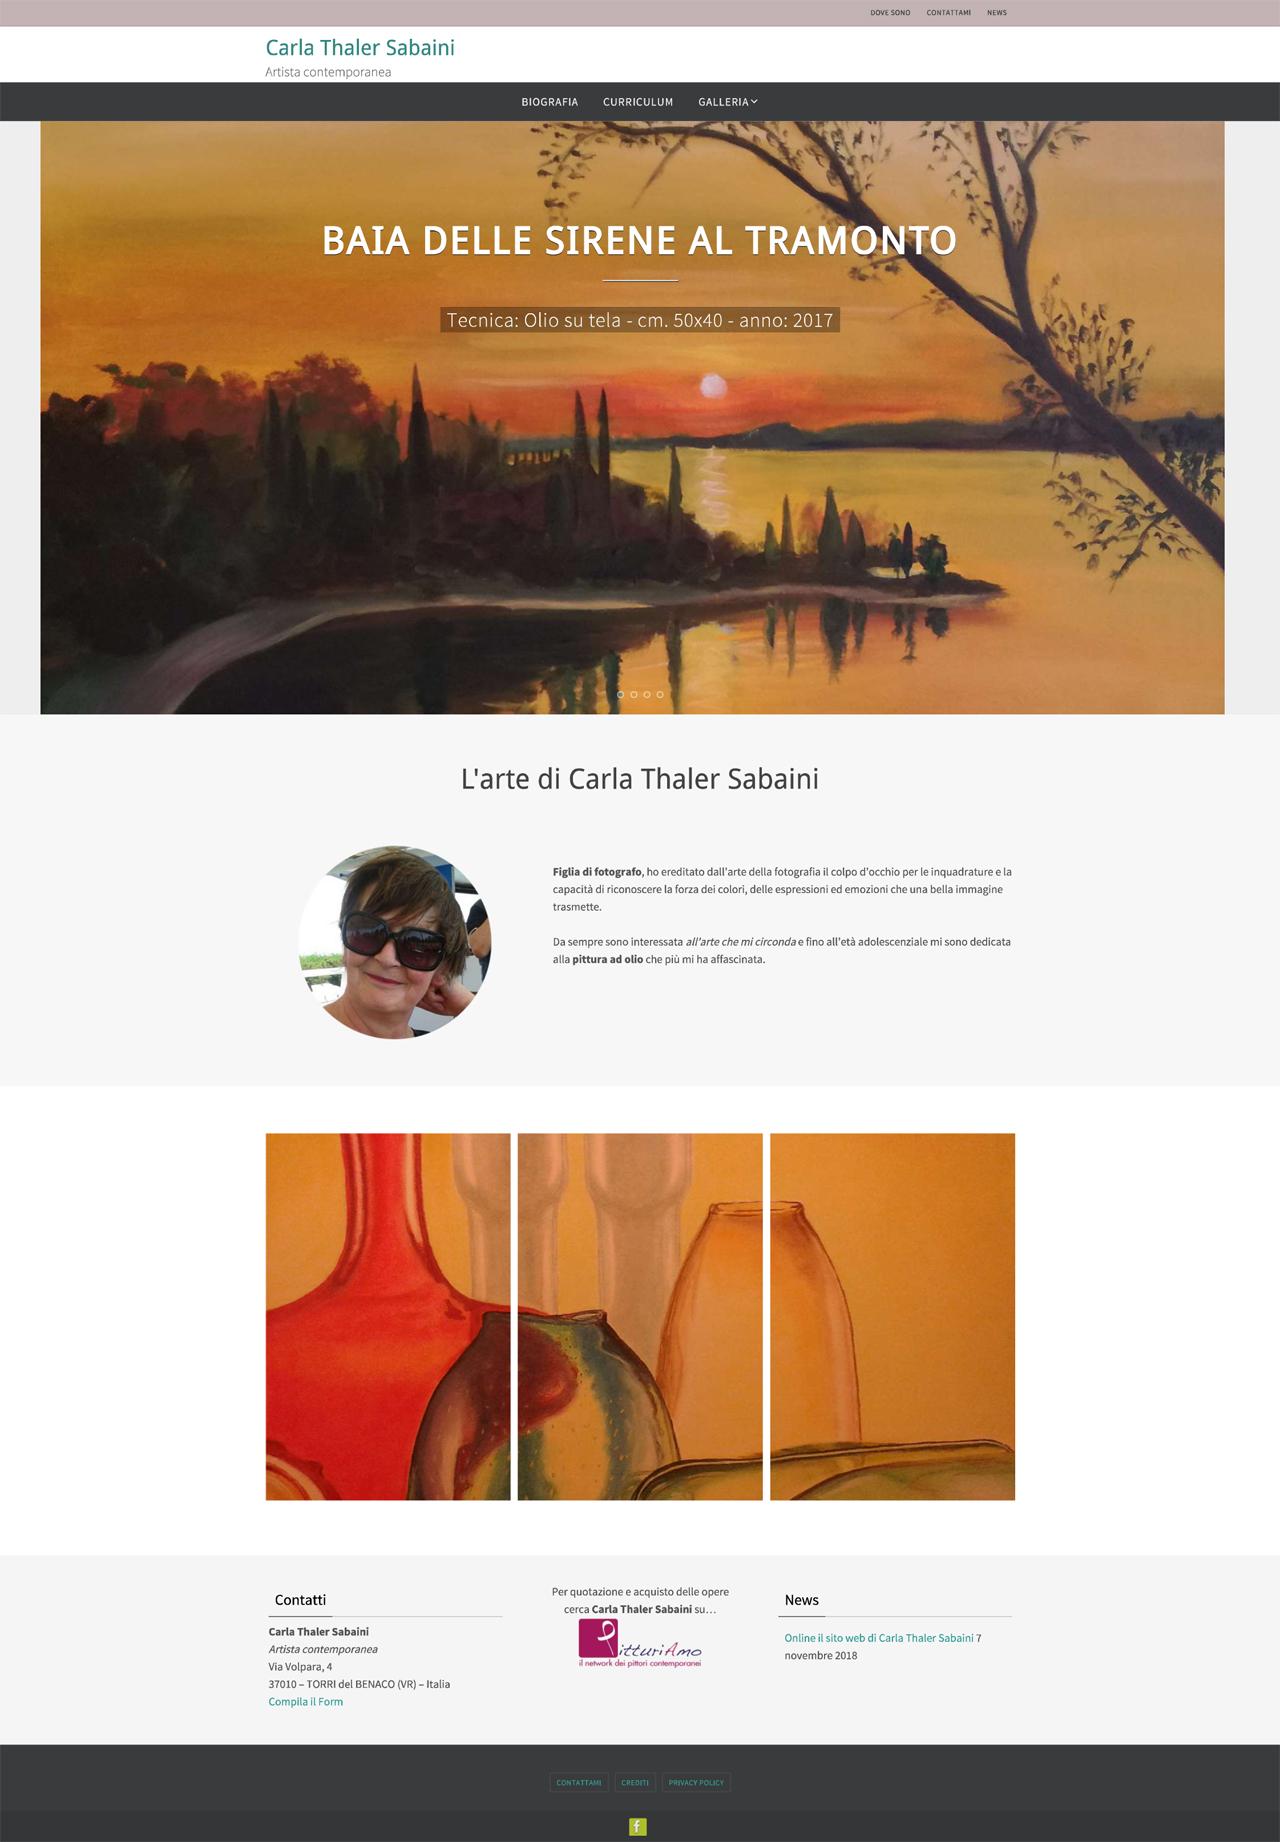 Il sito web dell'artista Carla Thaler Sabaini - Pagina principale